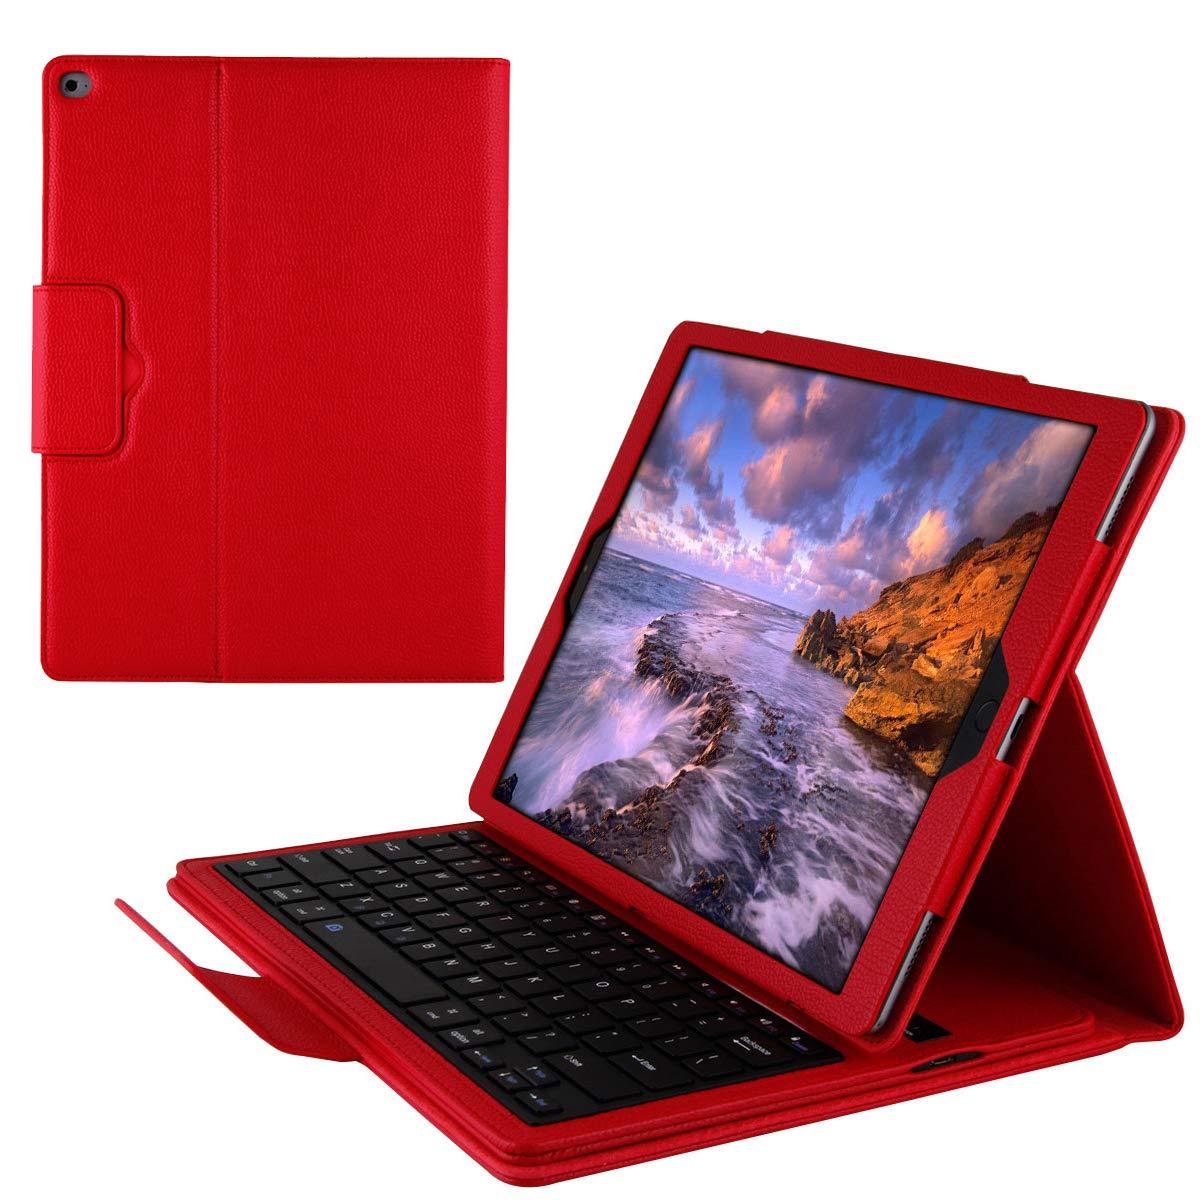 上等な iPad Pro 2017用 12.9インチ 2015 2017 キーボードケース フリップ 2015 BasicStock 超薄型 PUレザー 充電式 取り外し可能 フリップ PC タブレットケース ワイヤレス US キーボードカバー iPad Pro 12.9インチ 2015 2017用 (レッド) レッド 6417-11-573 レッド B07KW7CXXZ, ソファ カウチソファーのAzStyle:a5c987b8 --- a0267596.xsph.ru